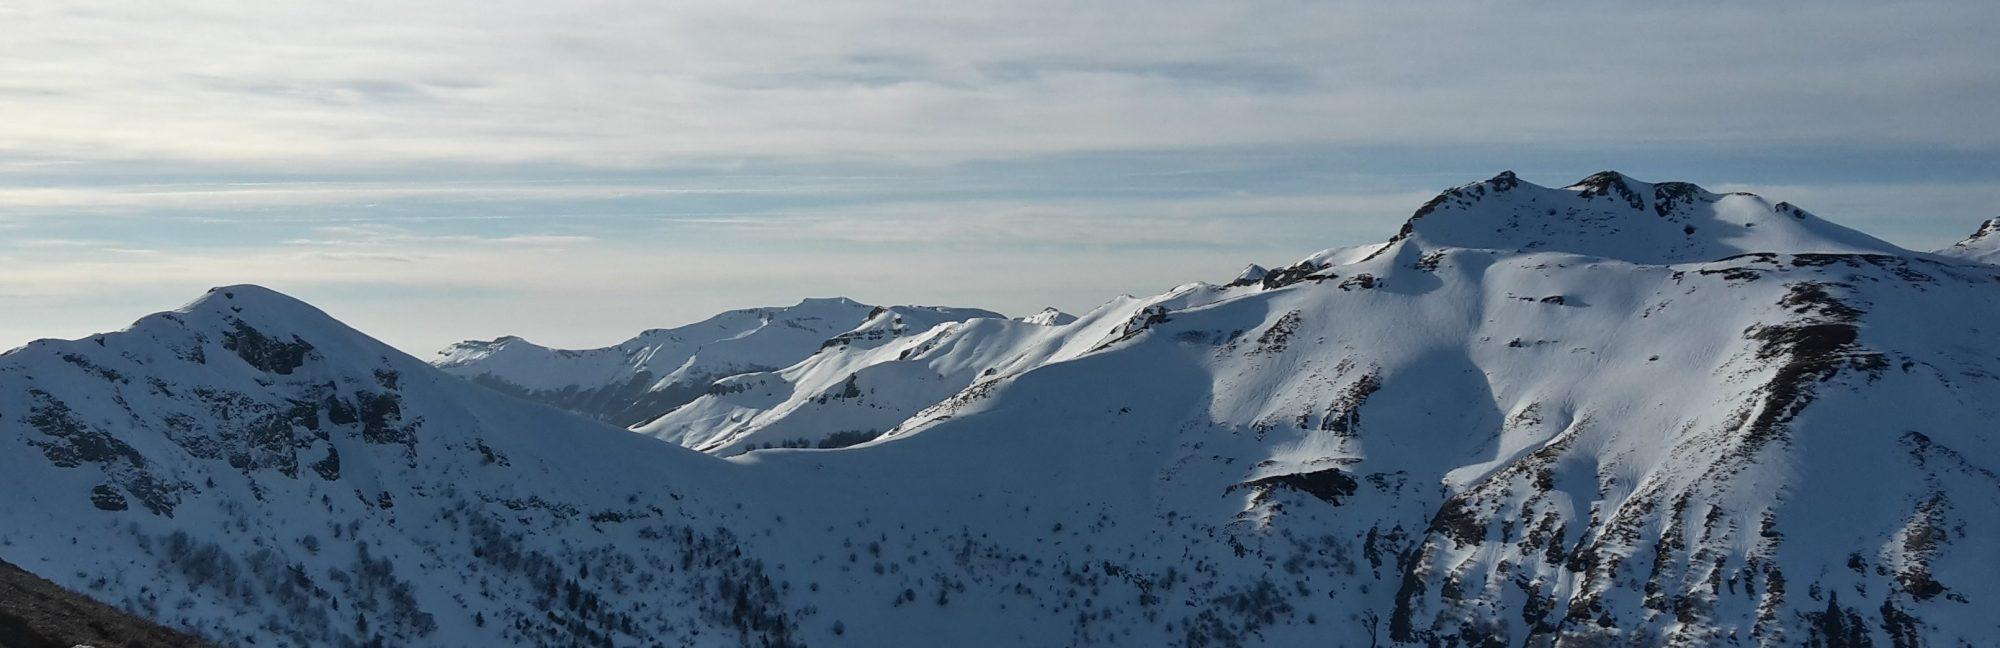 Les crêtes du Cantal enneigées. Photo ©Alta Terra